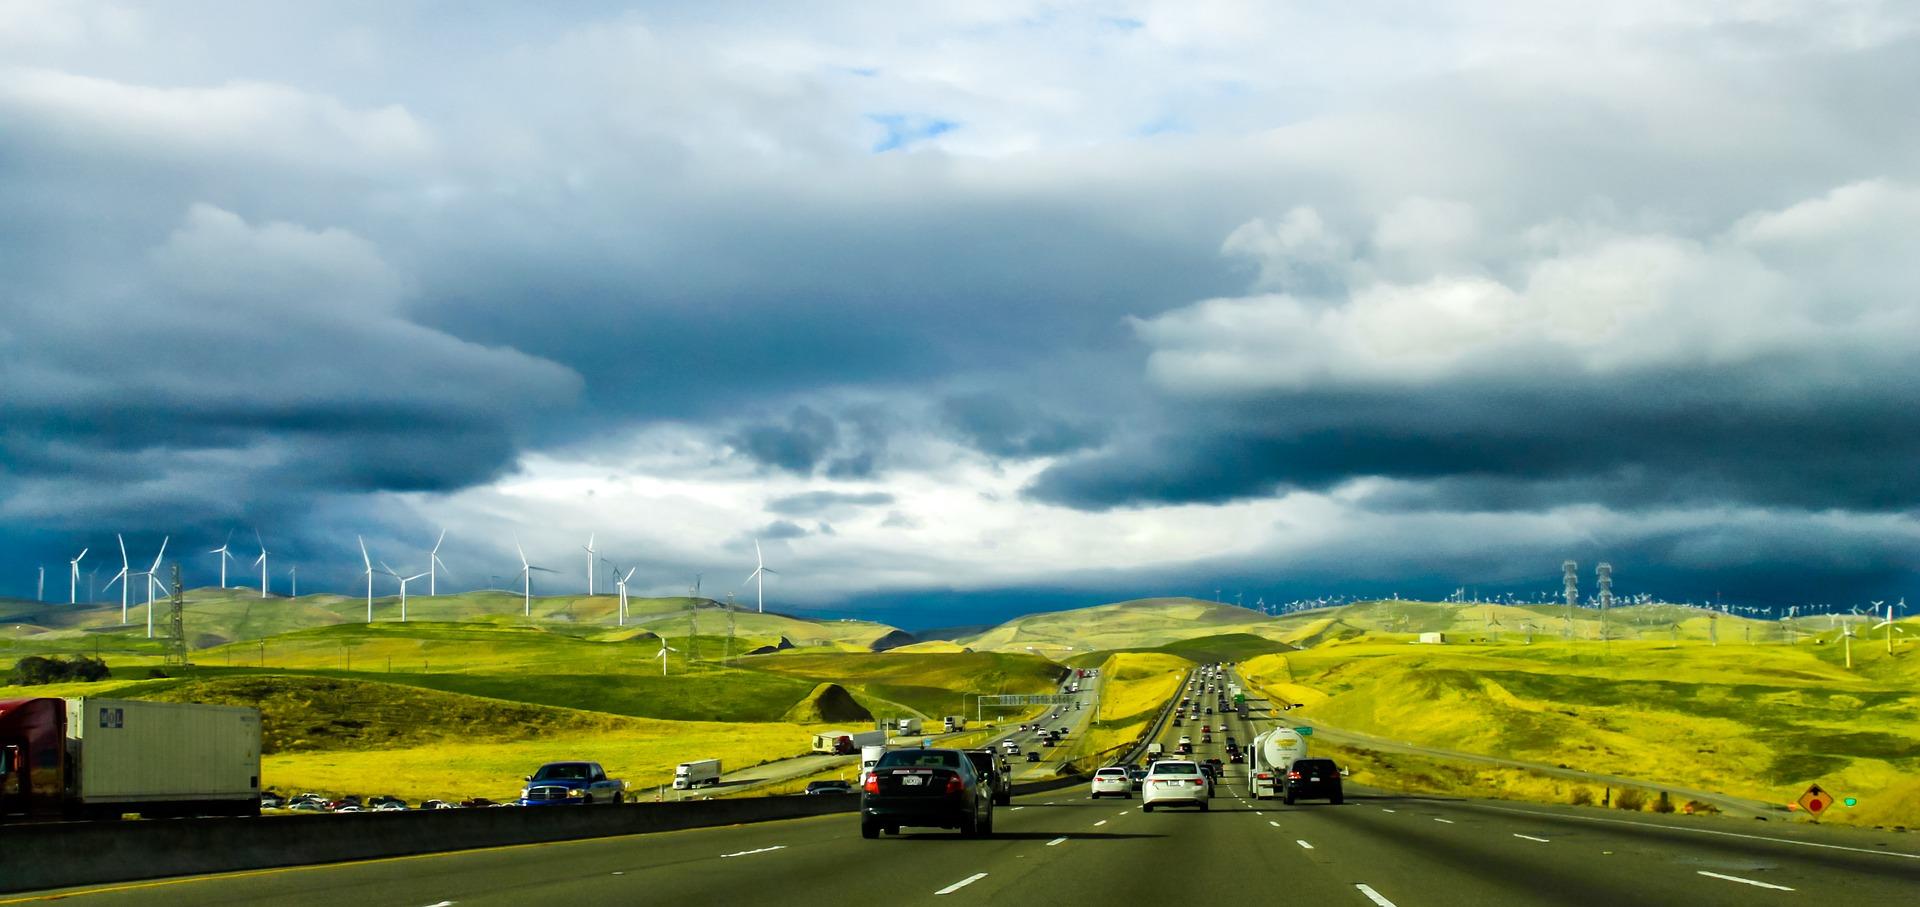 road-cali-windmills.jpg